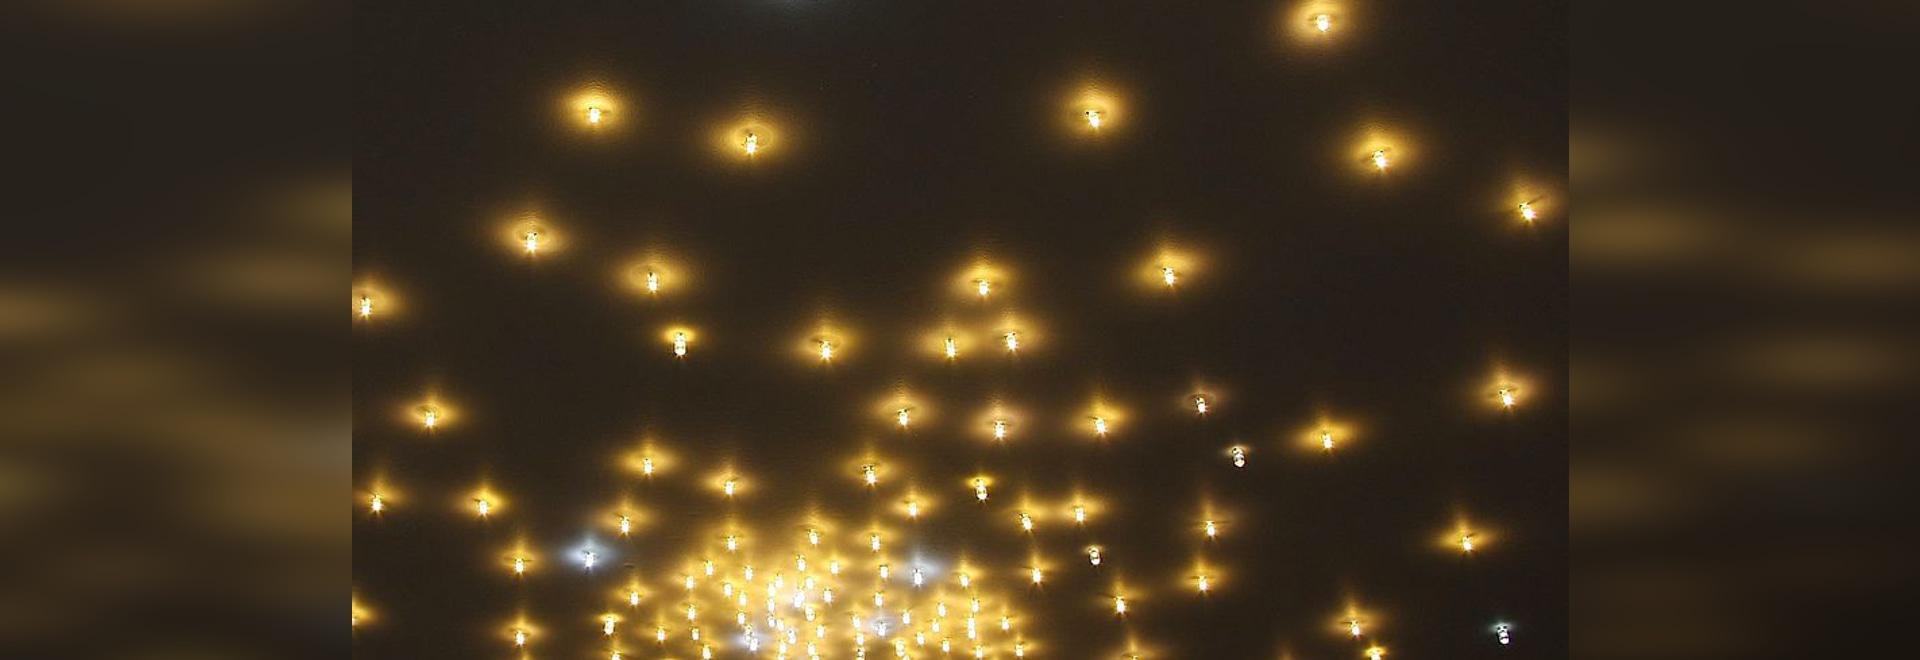 LED Starlit ceiling